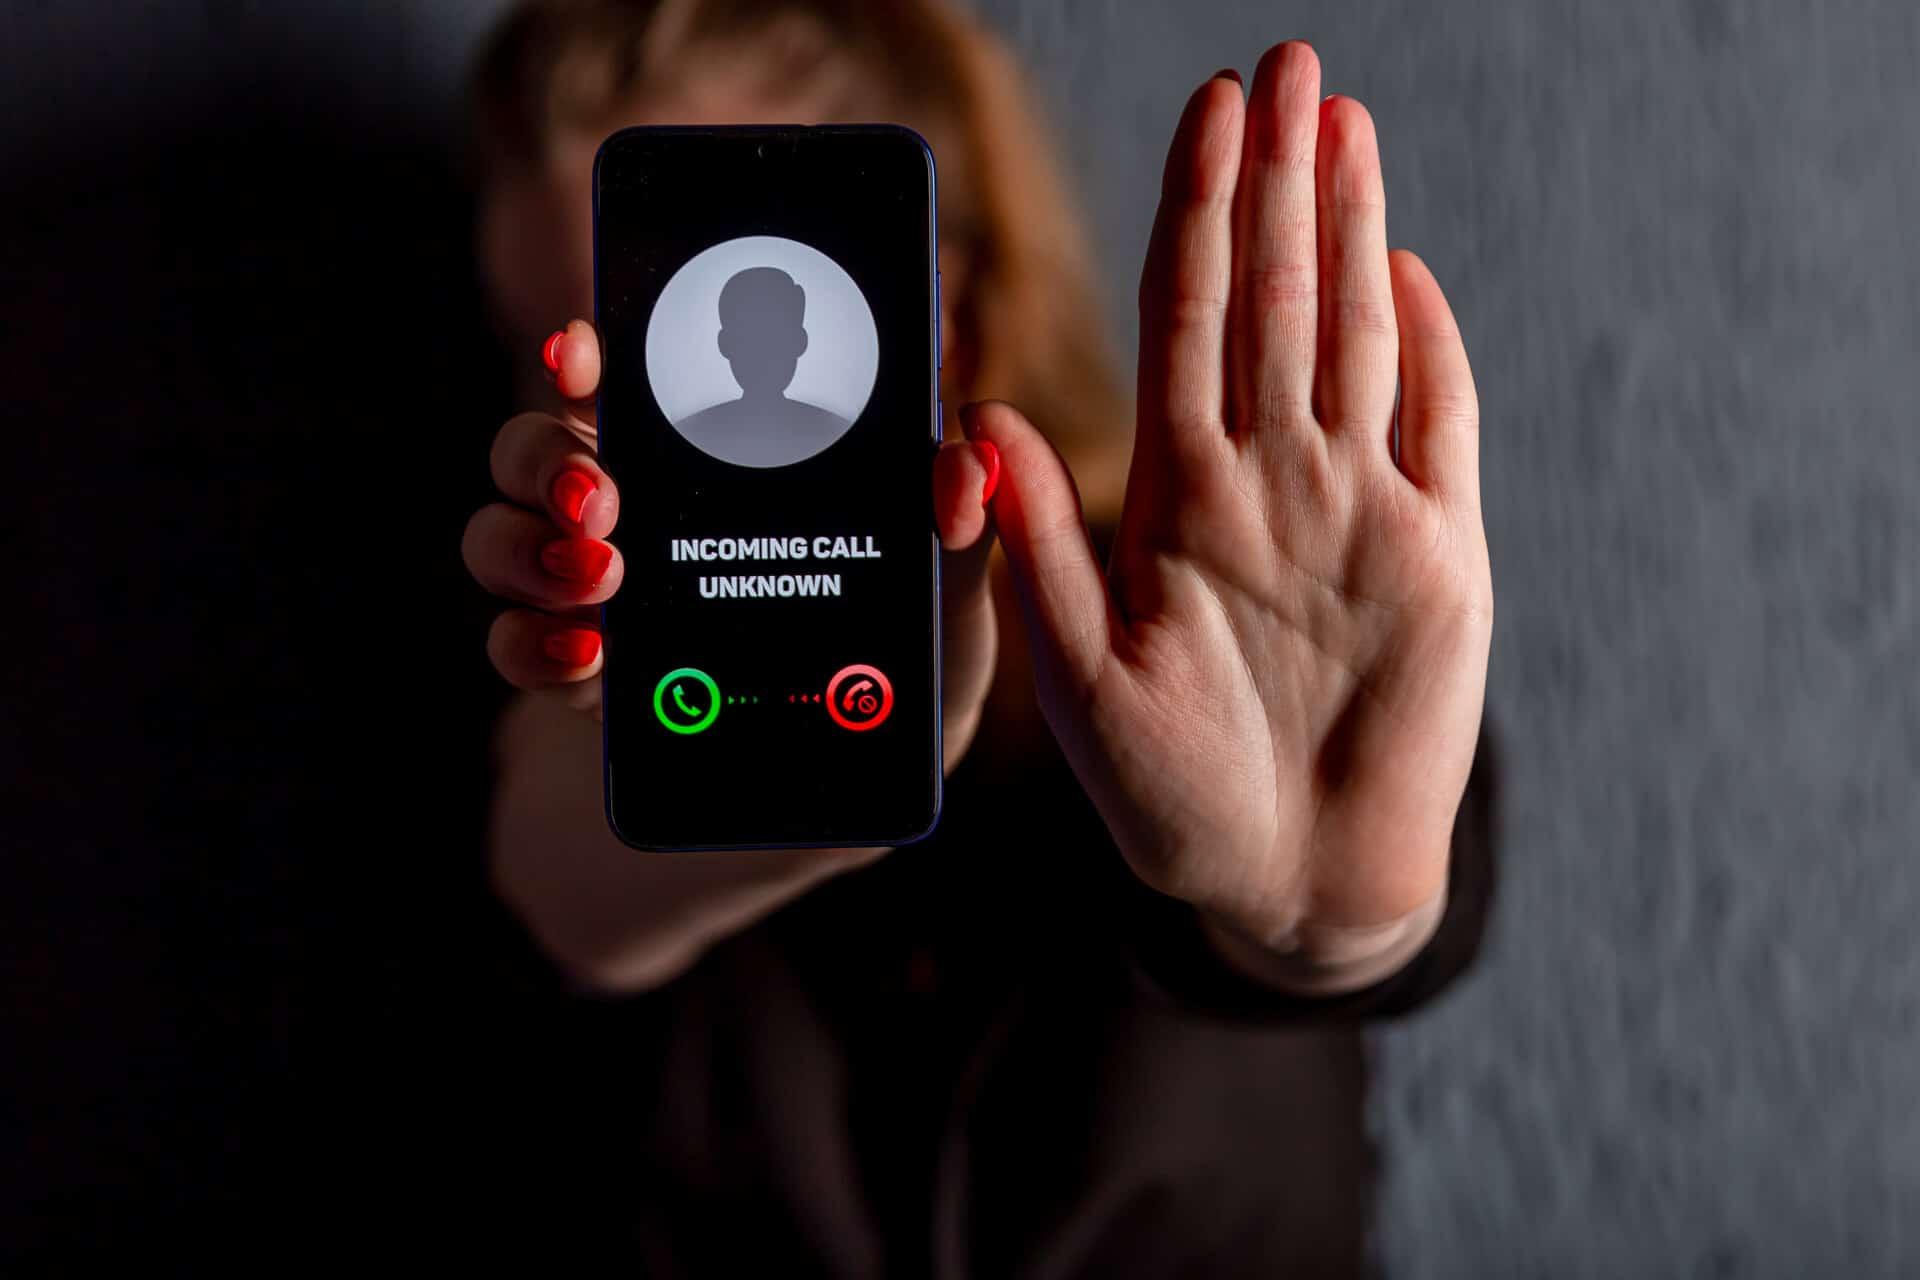 Vishing e telefono che squilla come accorgersi della truffa e sapersi proteggere